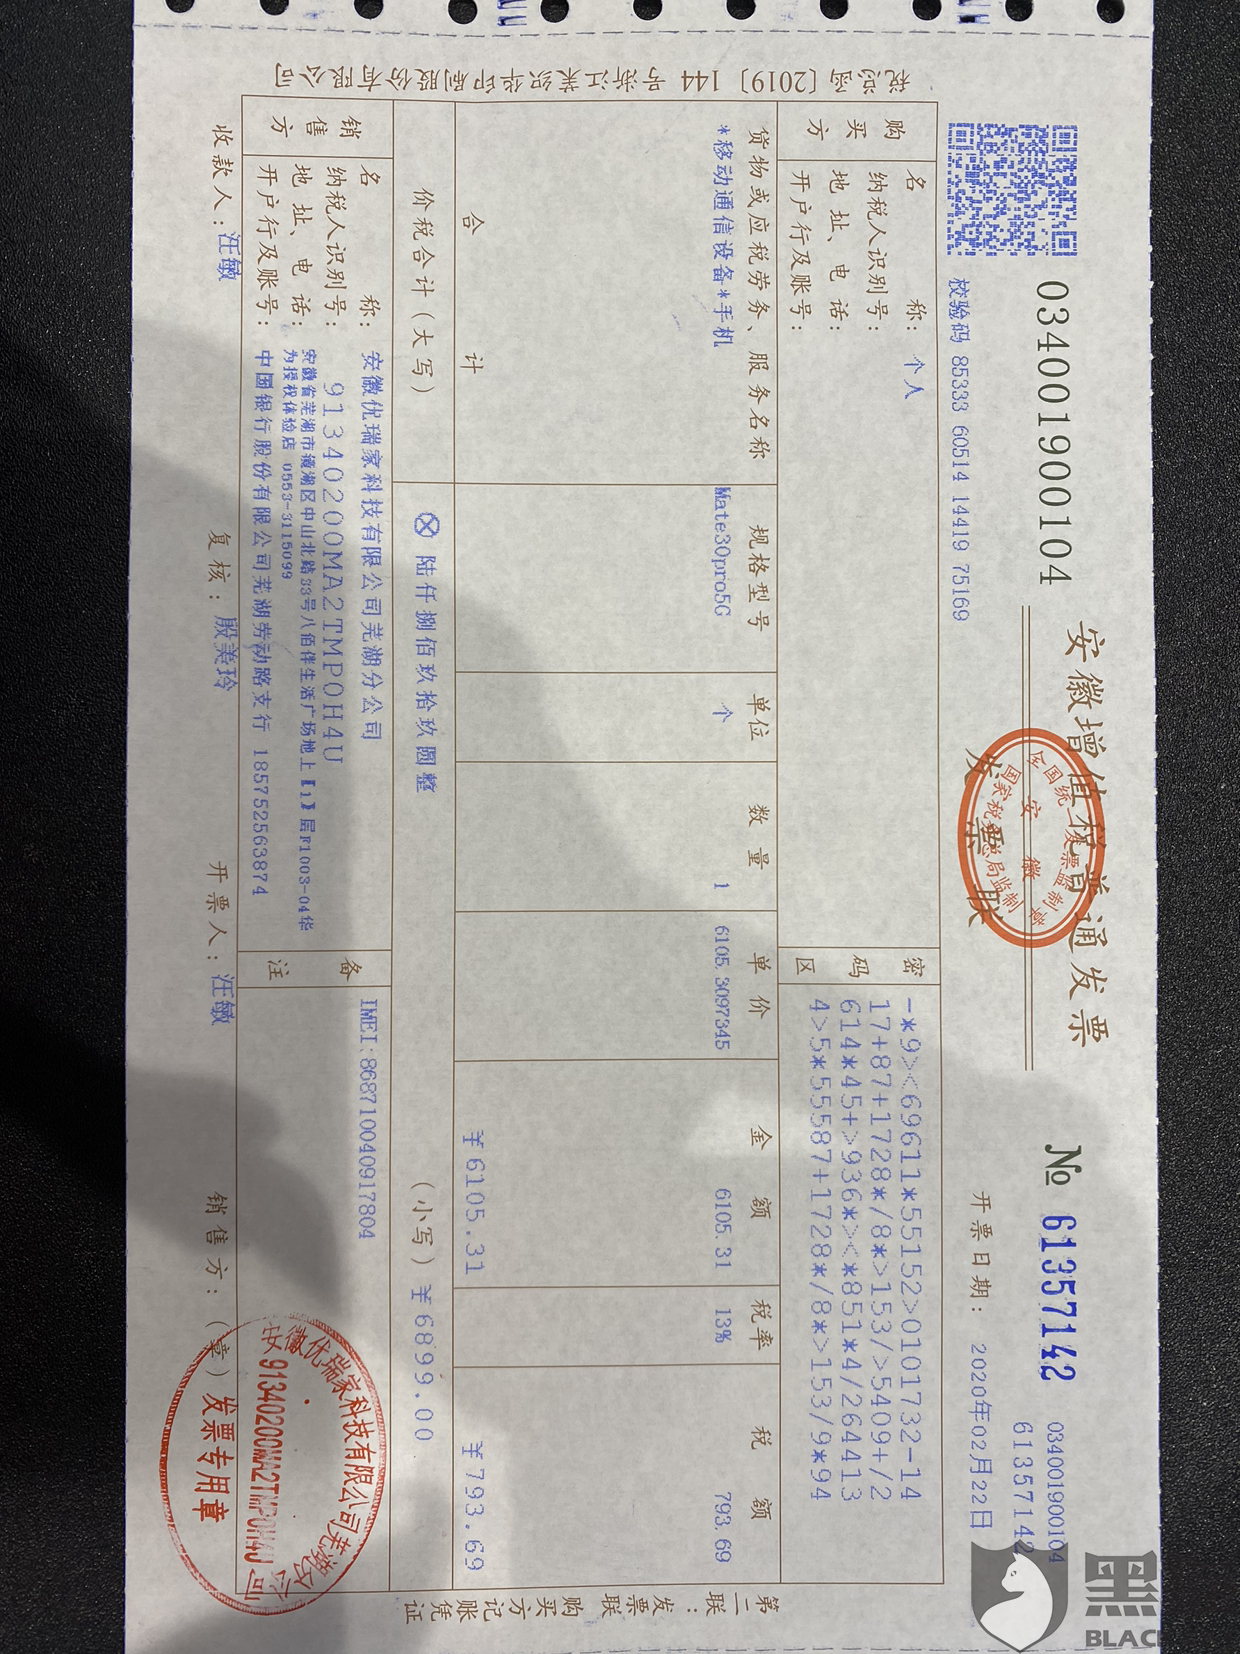 黑猫投诉:顺丰内部偷手机,价值6899,客服仅赔偿2000